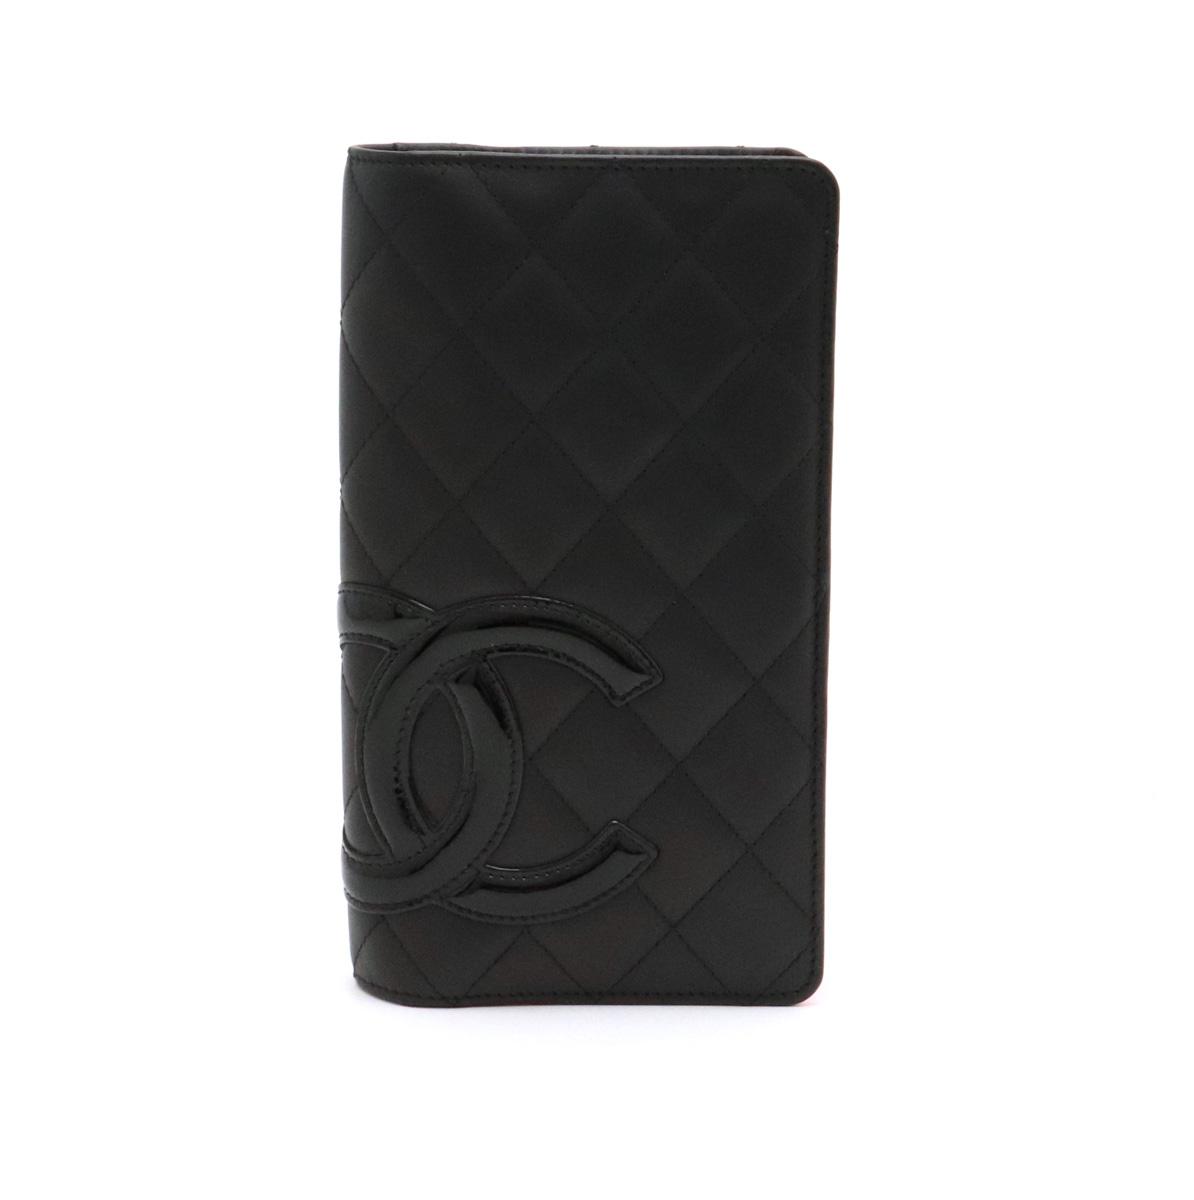 【財布】CHANEL シャネル カンボンライン ココマーク 2つ折長財布 レザー ソフトカーフ エナメル 黒 ブラック ピンク A26717 【中古】